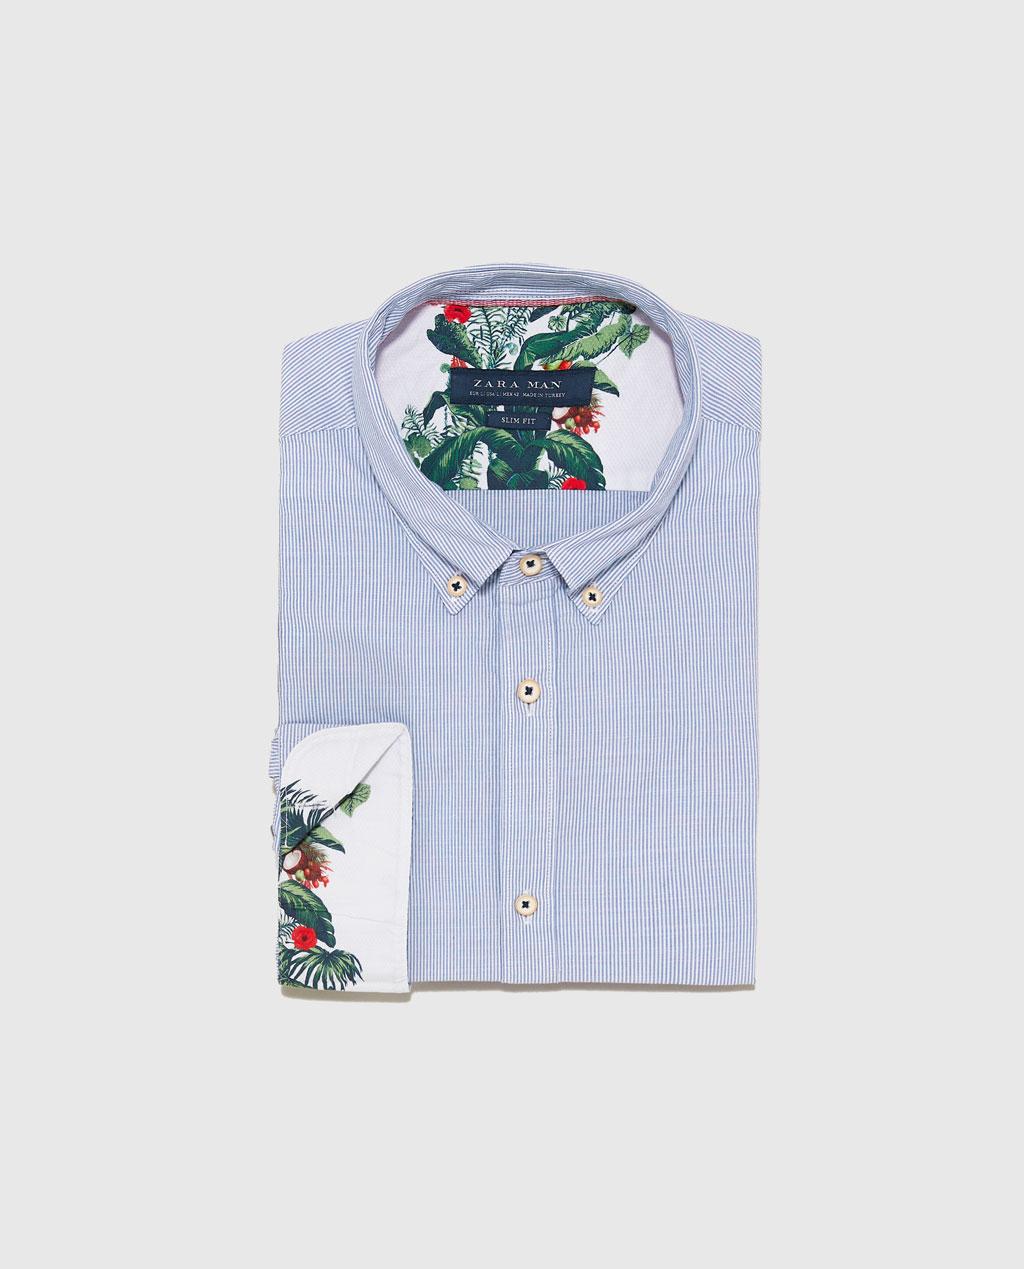 Thời trang nam Zara  24093 - ảnh 9